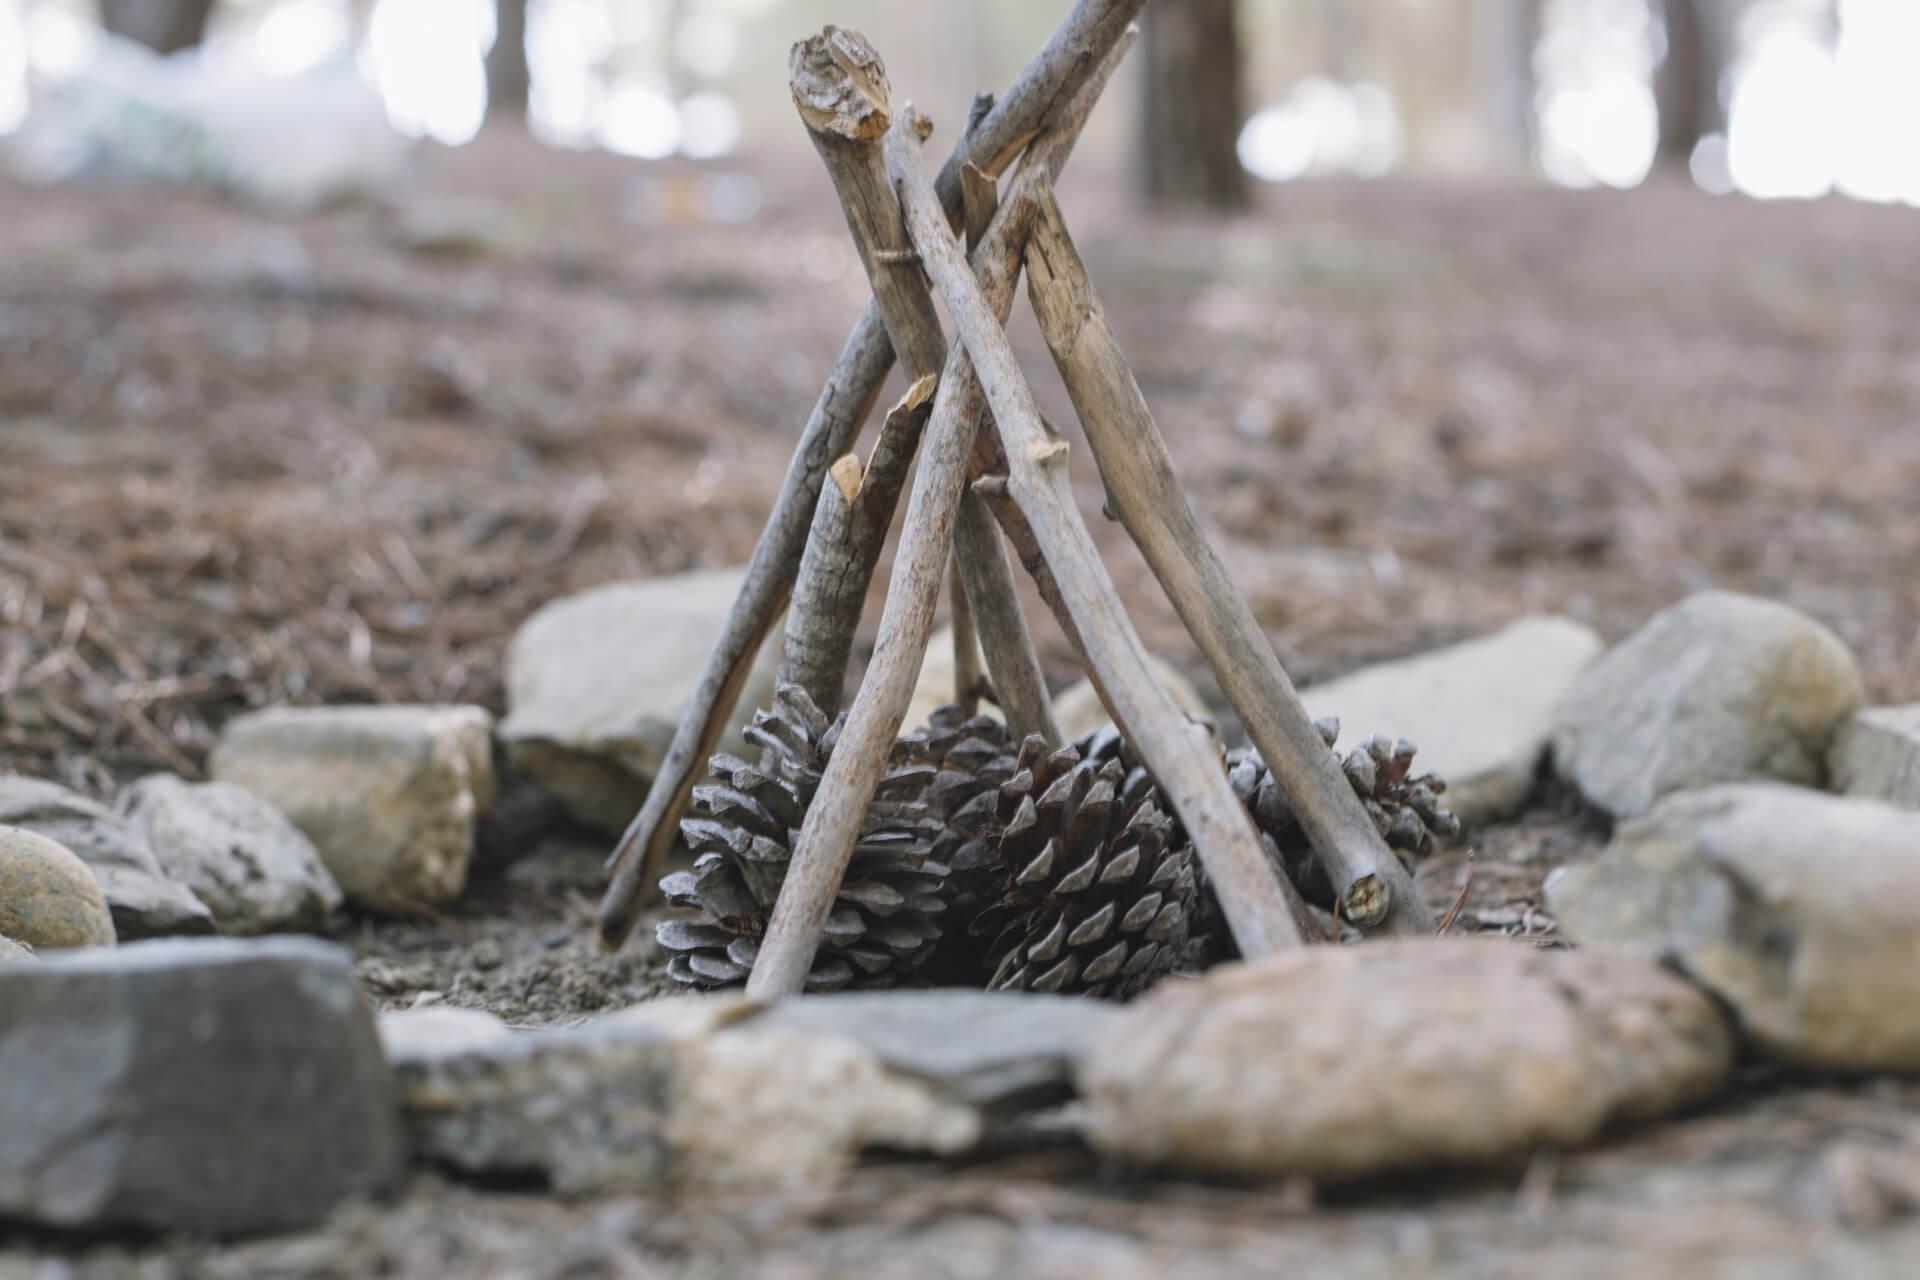 Camp Trappeur Versus Wild